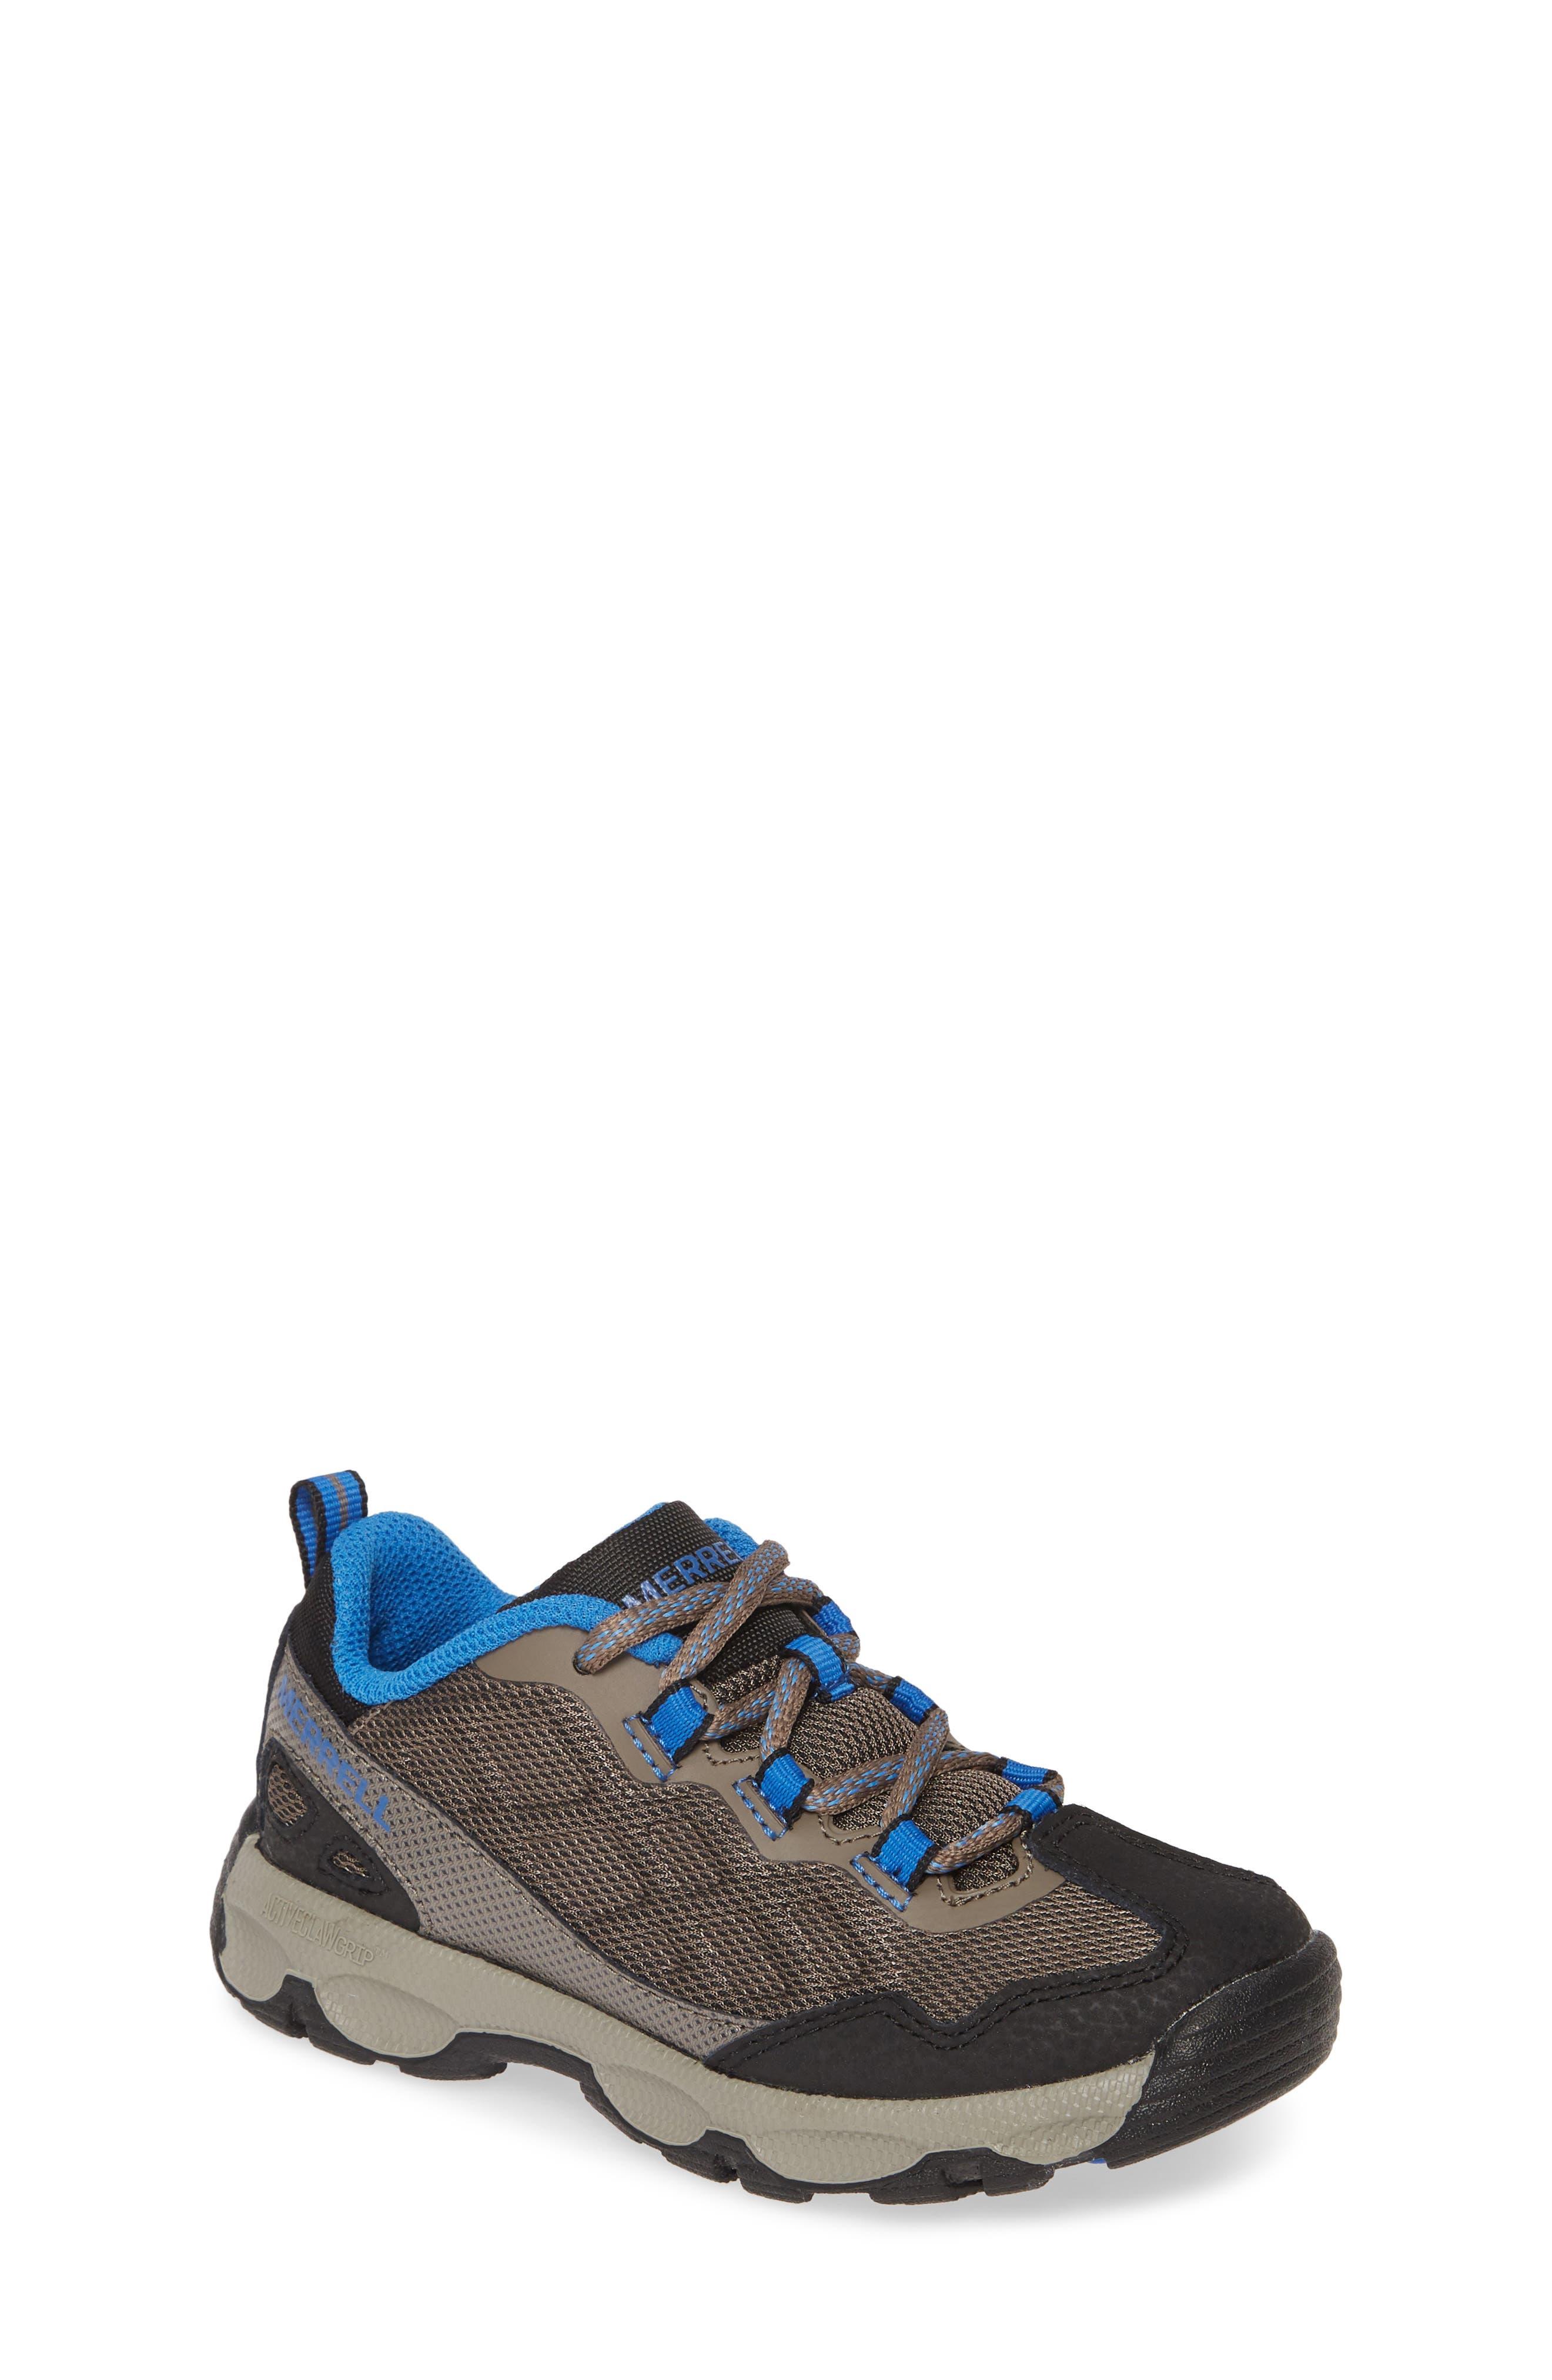 Merrell Chameleon Low 20 Sneaker